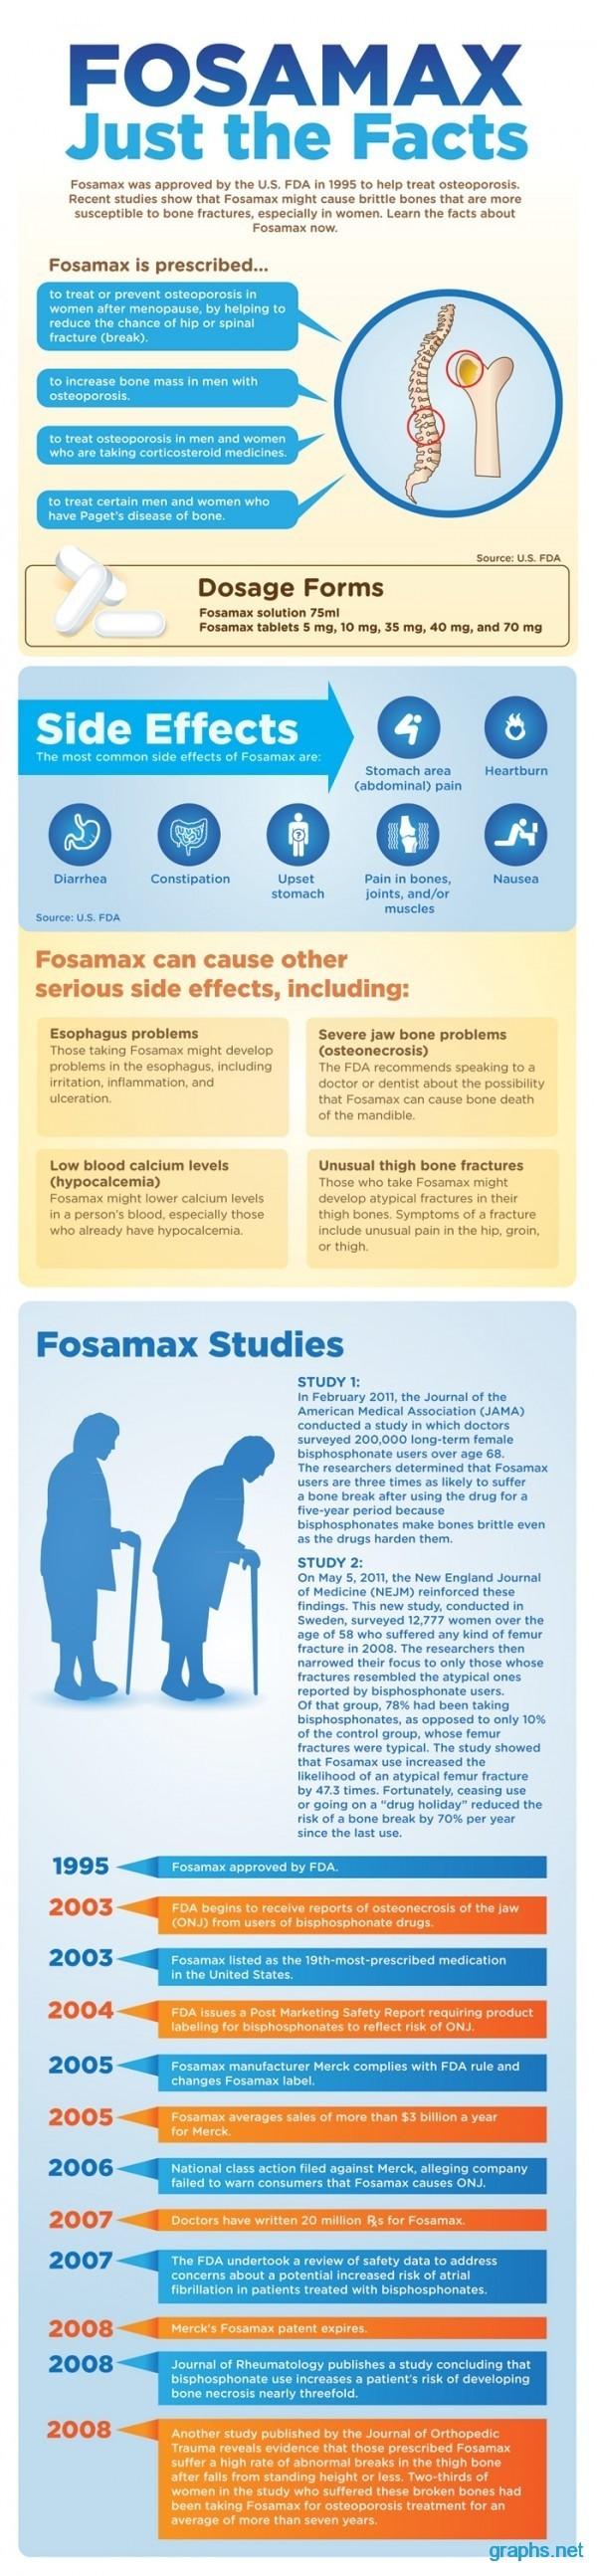 fosamax fact sheet